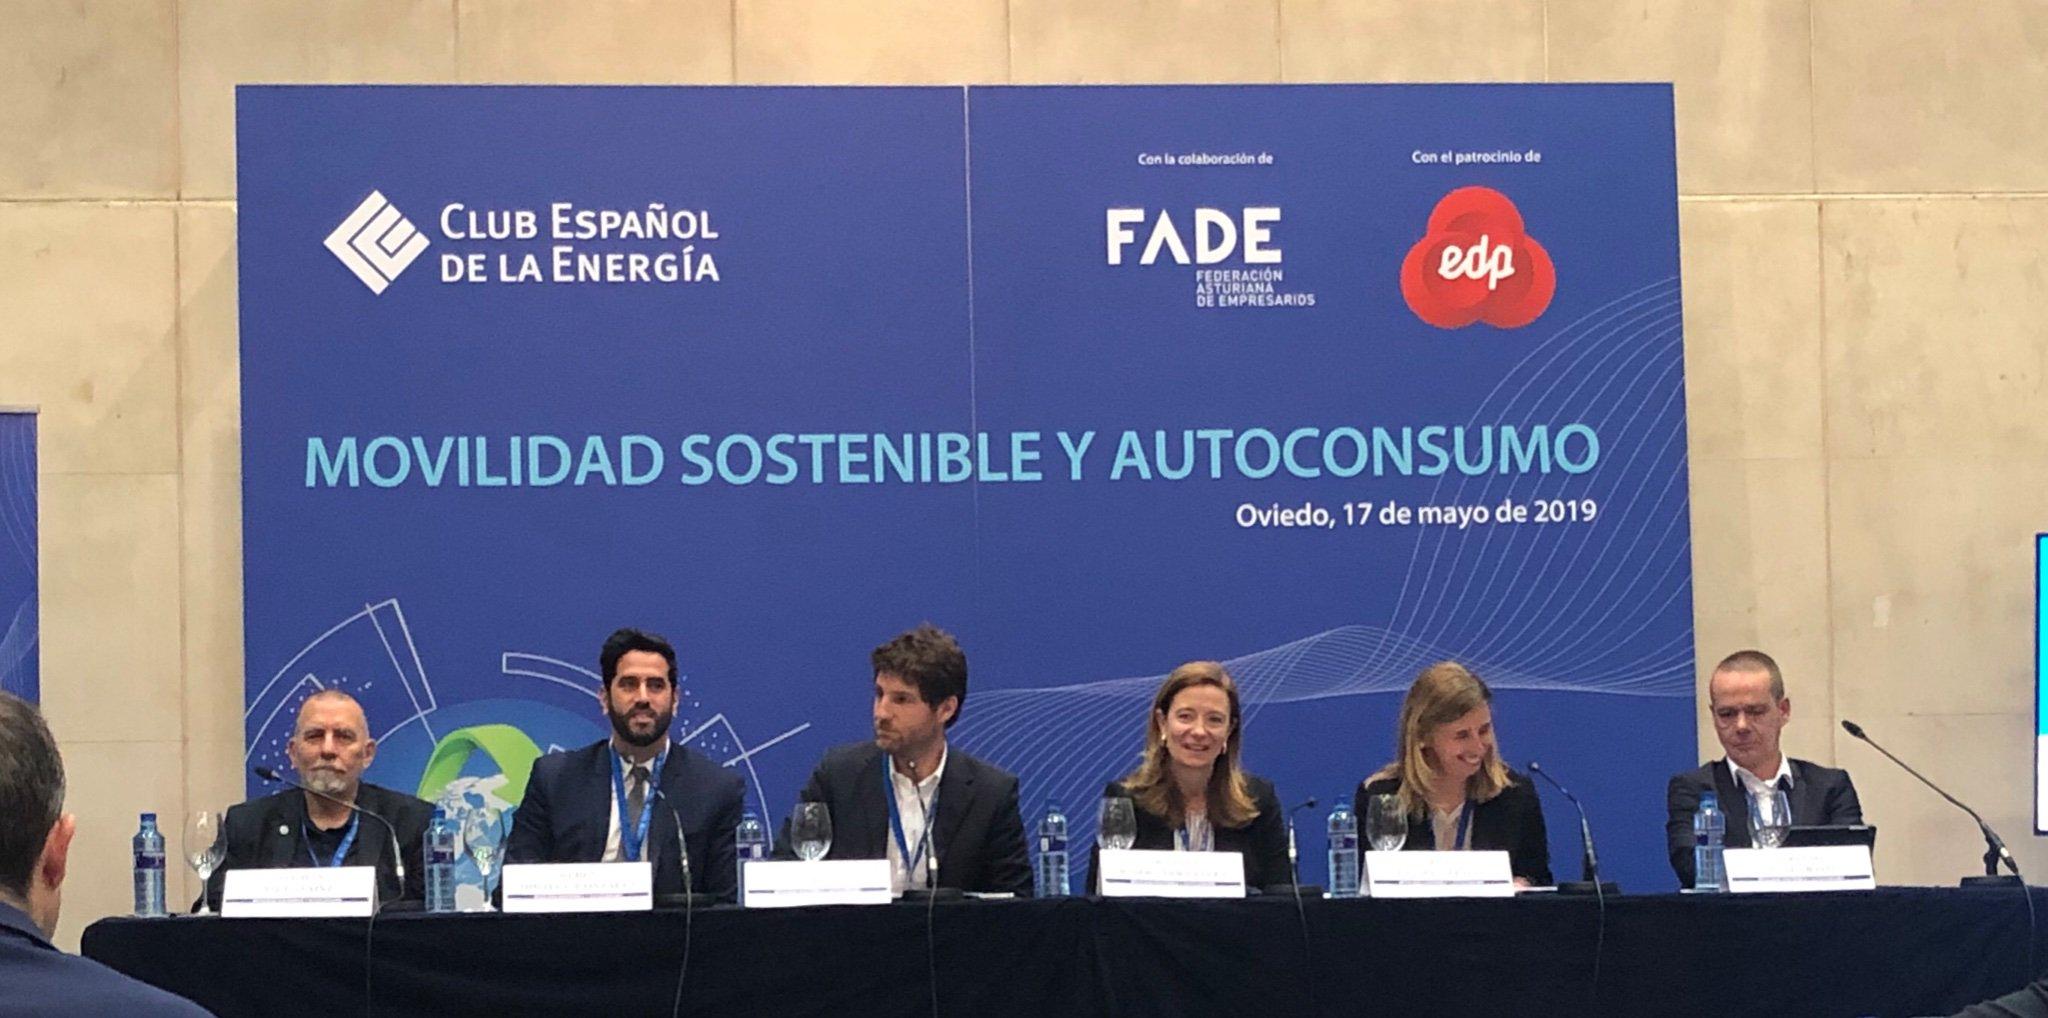 La Cátedra participa en las Jornadas de Movilidad Sostenible y Autoconsumo